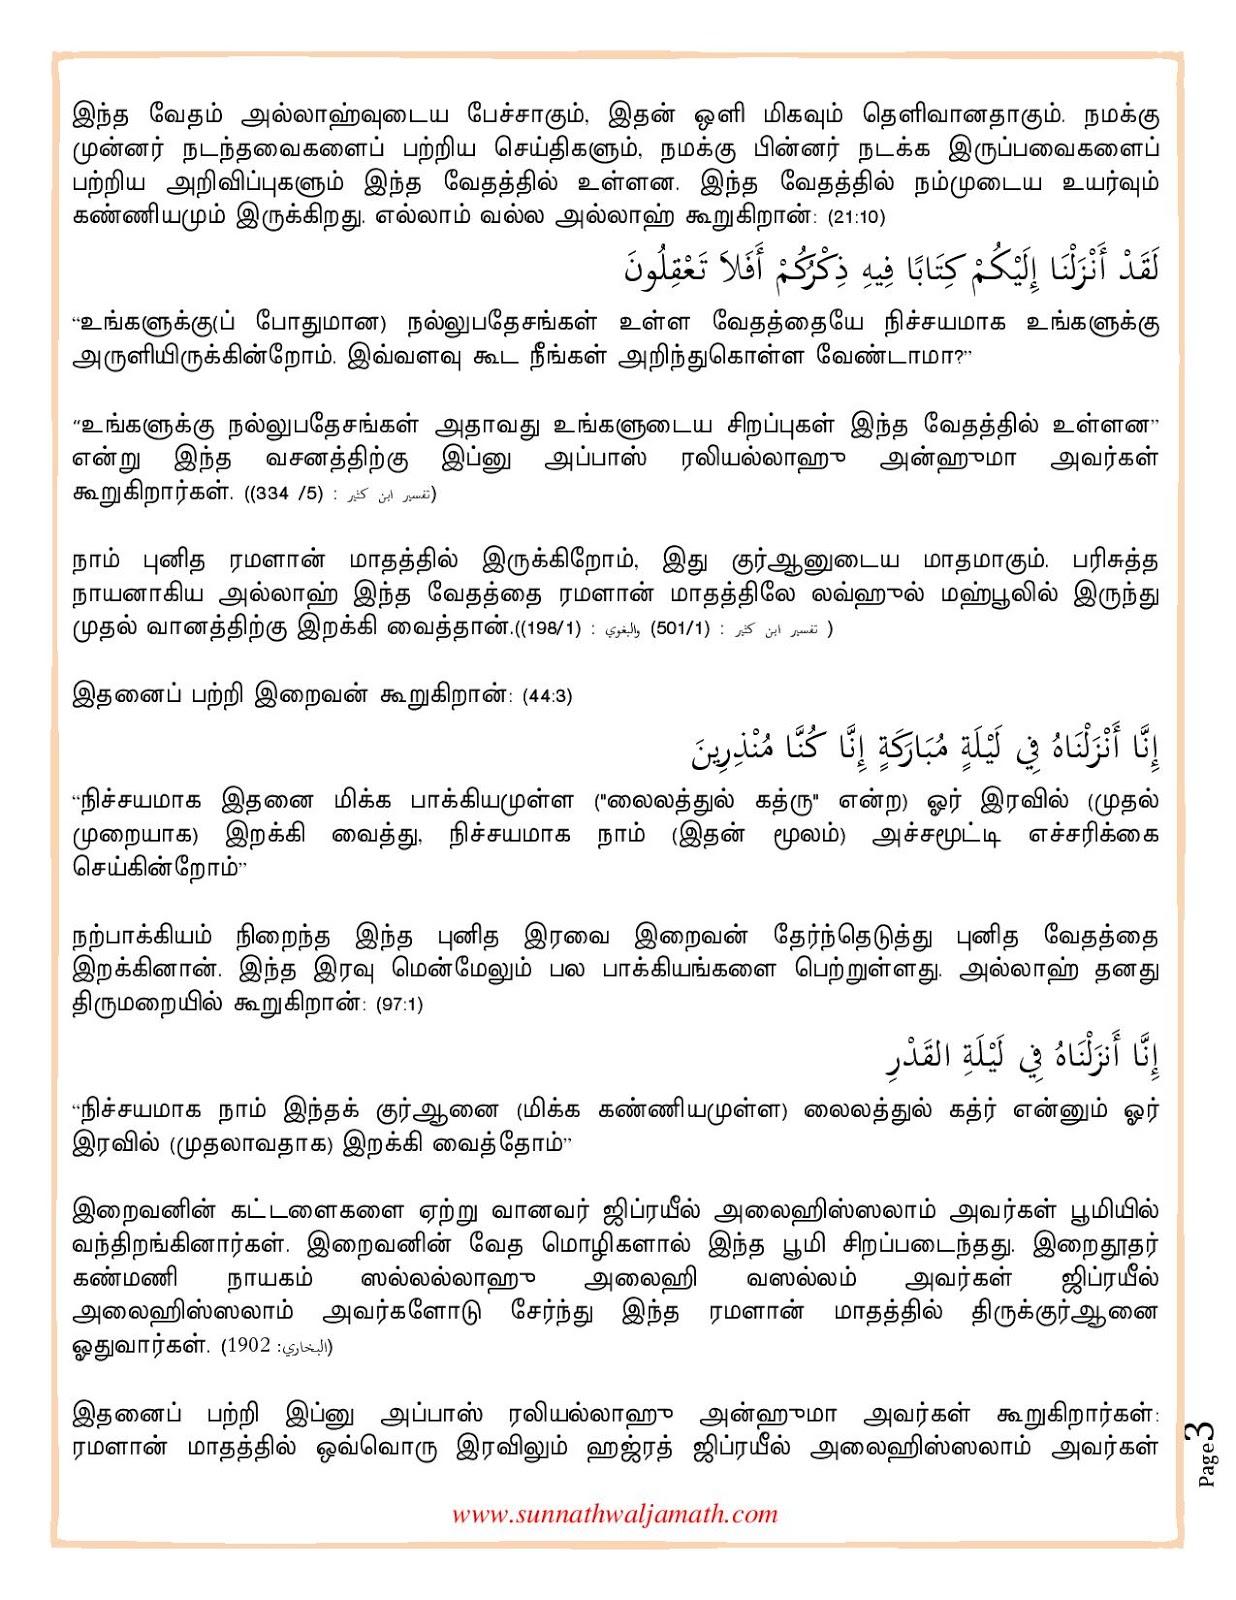 https://2.bp.blogspot.com/-B3v_WJcABjs/V1mq2HI1NlI/AAAAAAAAHHQ/3M6w_PrT14A6mMiCNbUI8Q_f3iJHTNXmgCLcB/s1600/Tamil%2B10th%2BJune-16-page-003.jpg